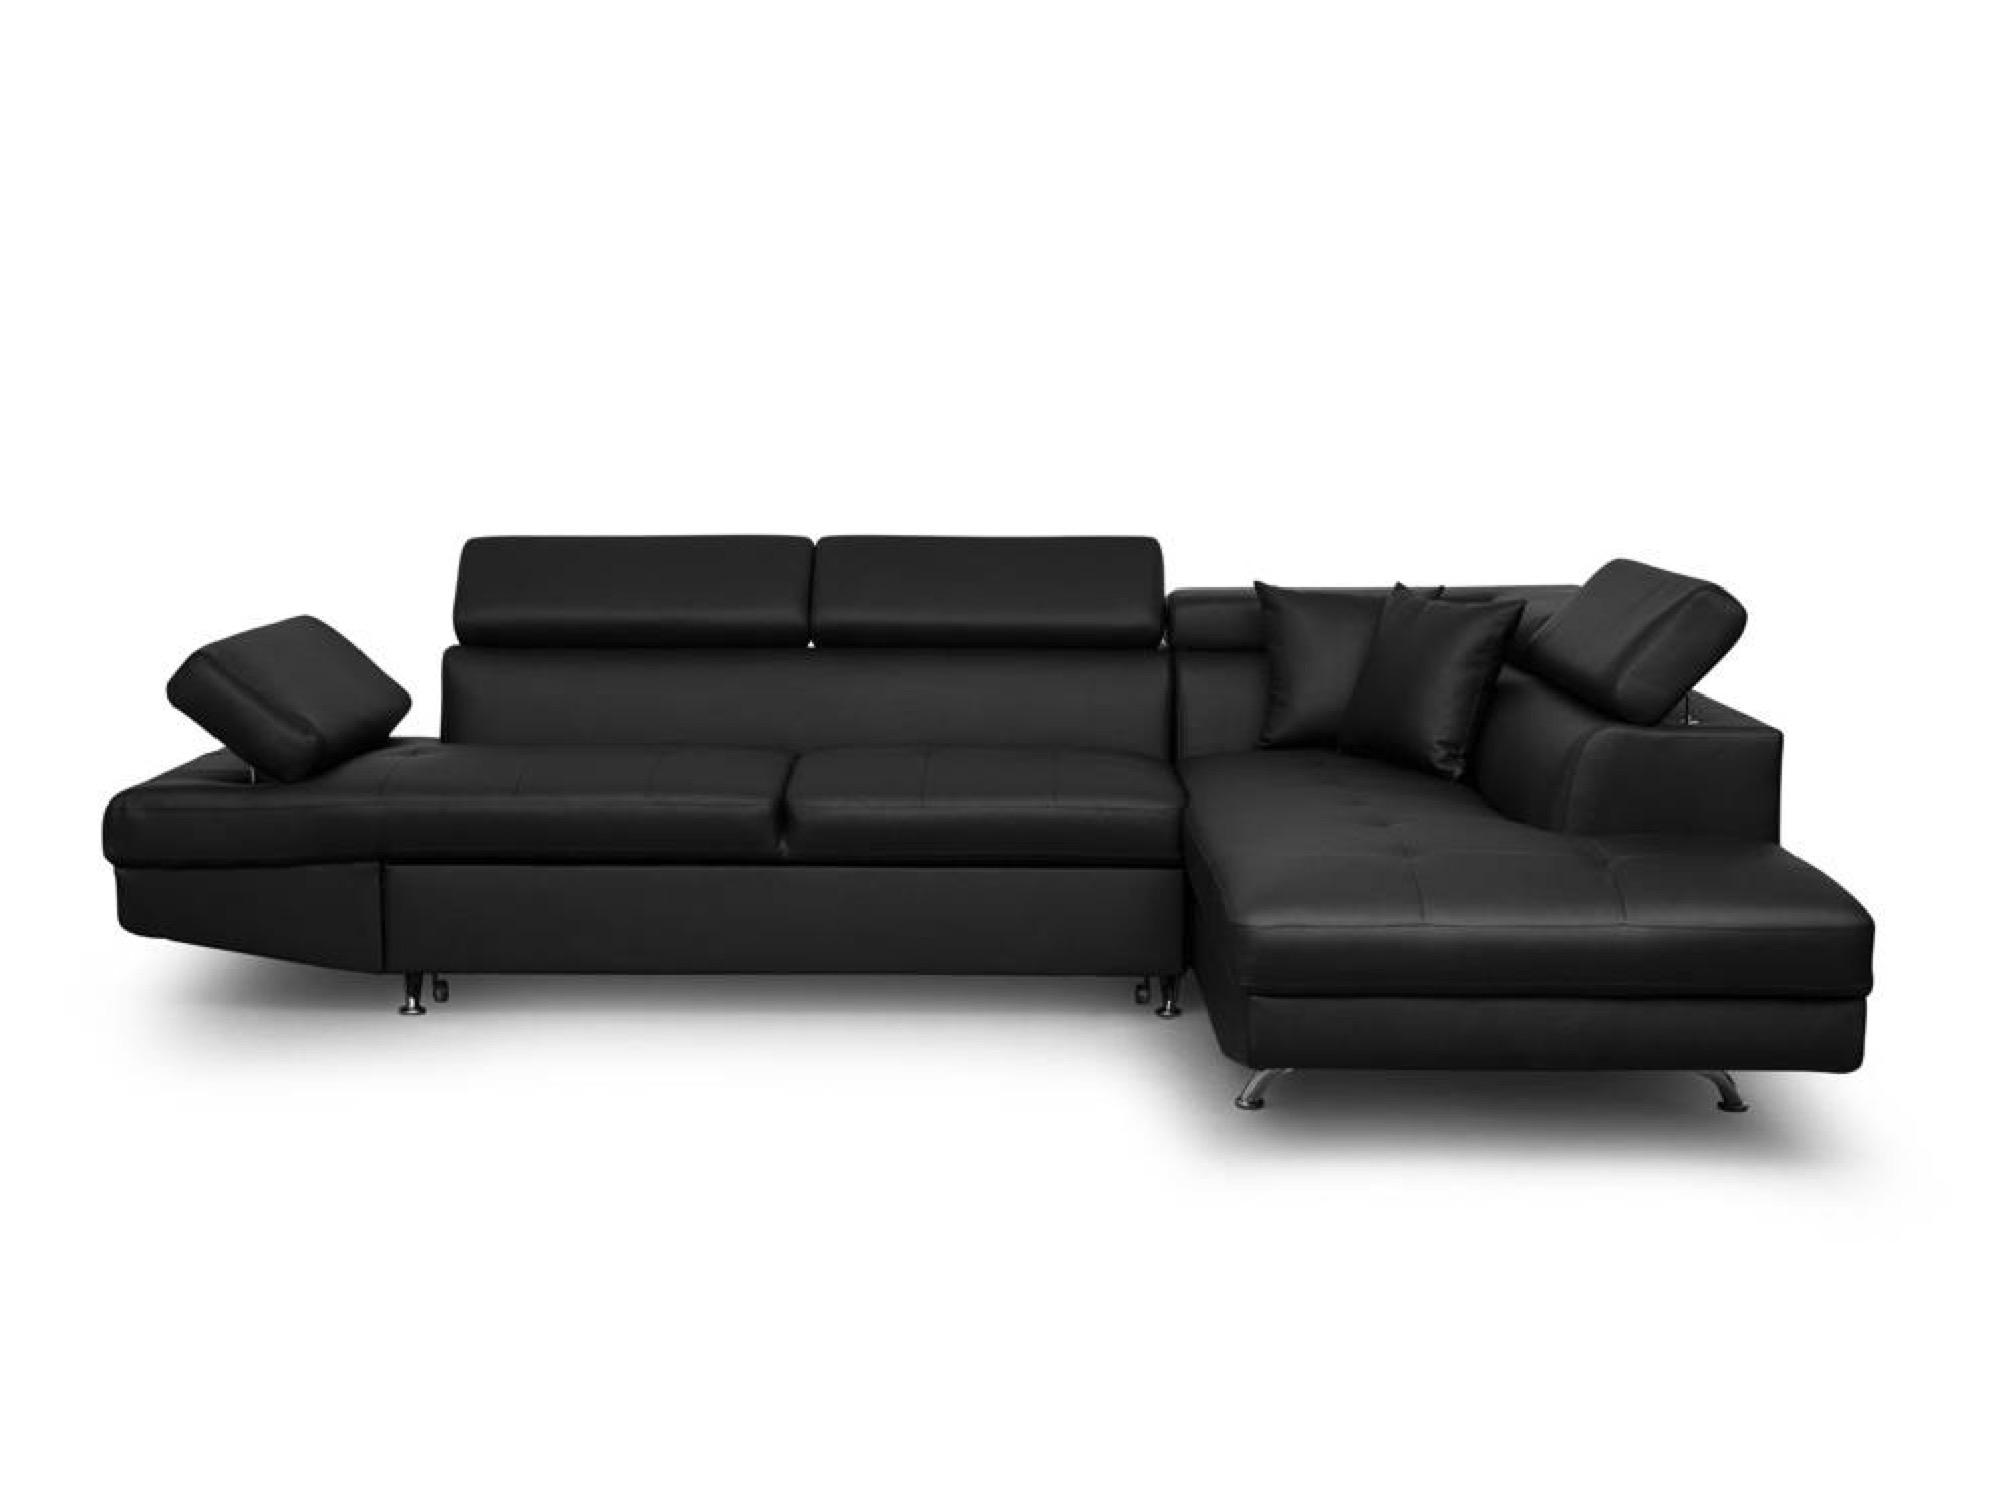 Canapé d'angle 5 places Noir Simili Contemporain Confort